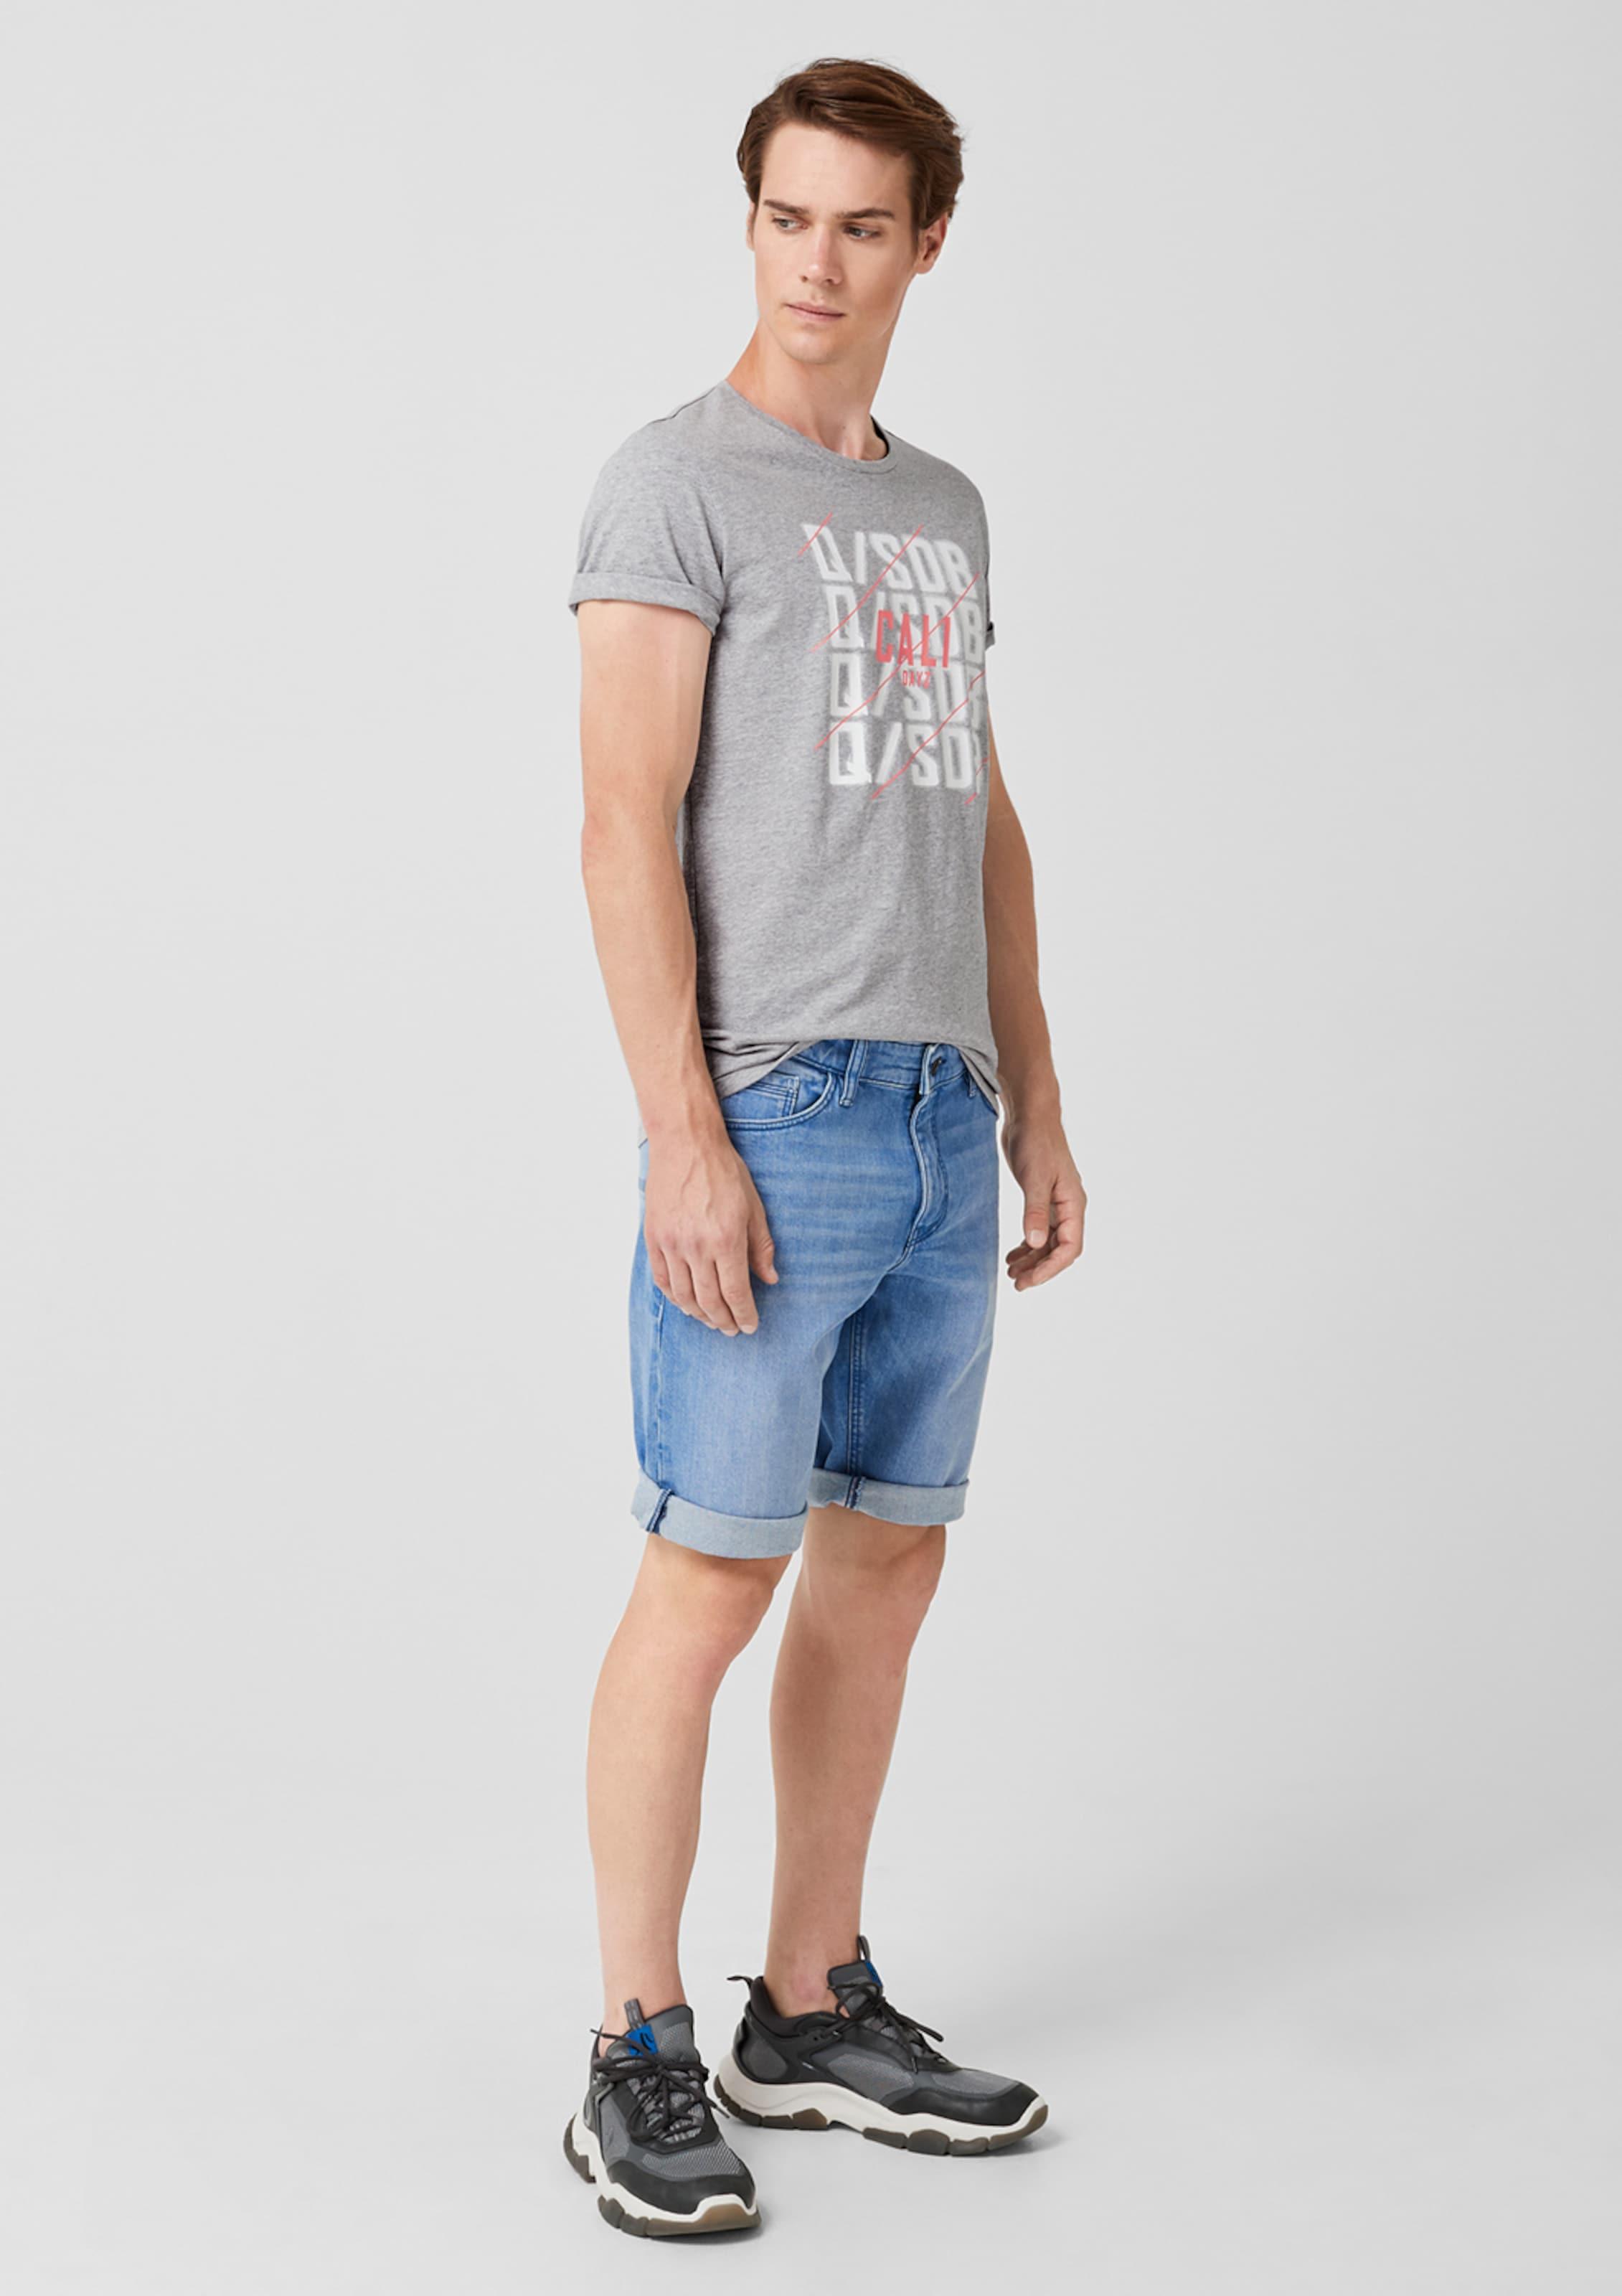 s Q shirt GrauKoralle T Weiß Designed In By bmgY76vIyf